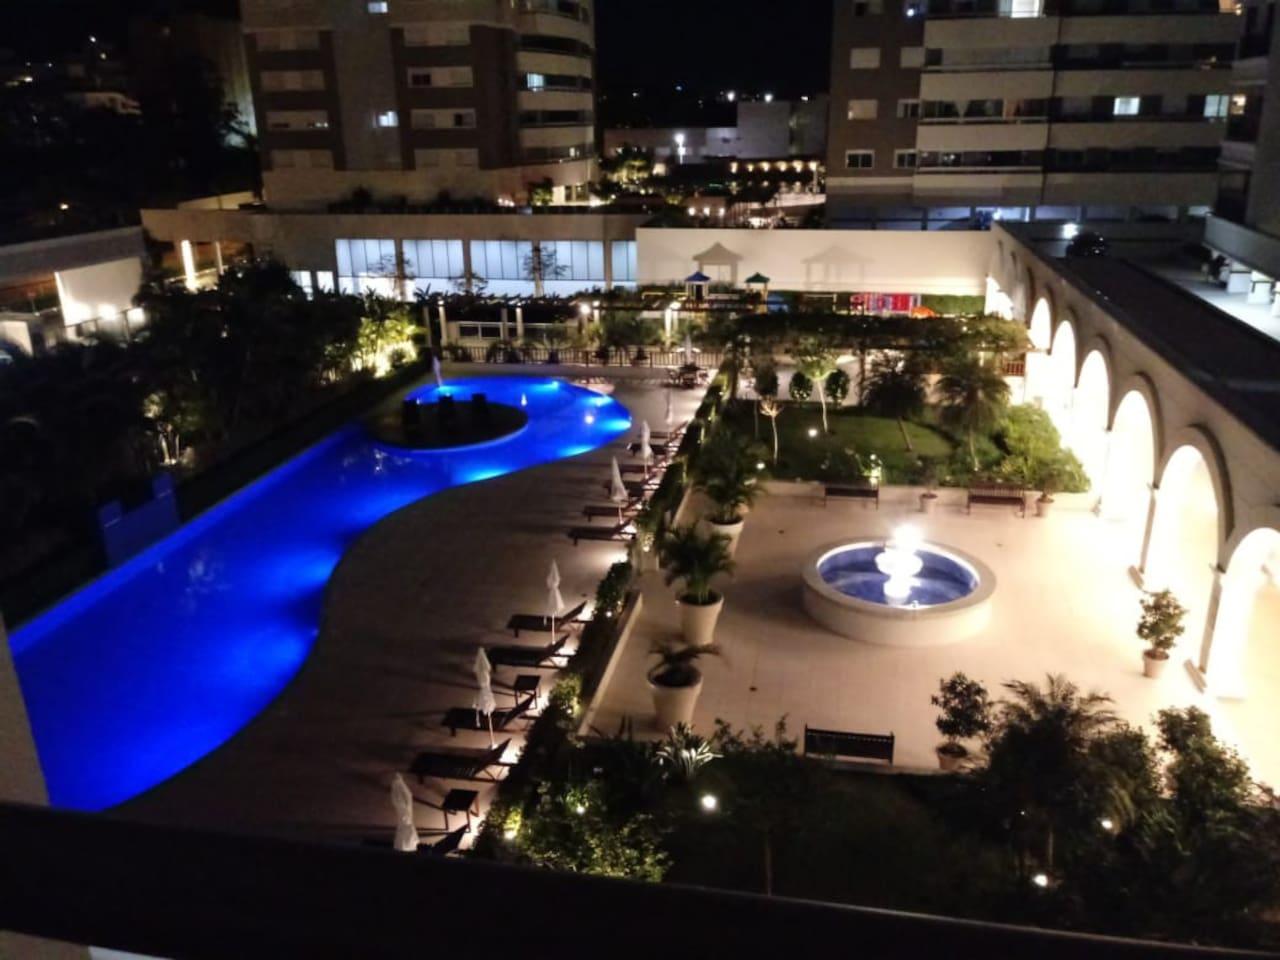 Vista parcial da área da piscina externa e jardim - Residencial Plaza Mediterrâneo